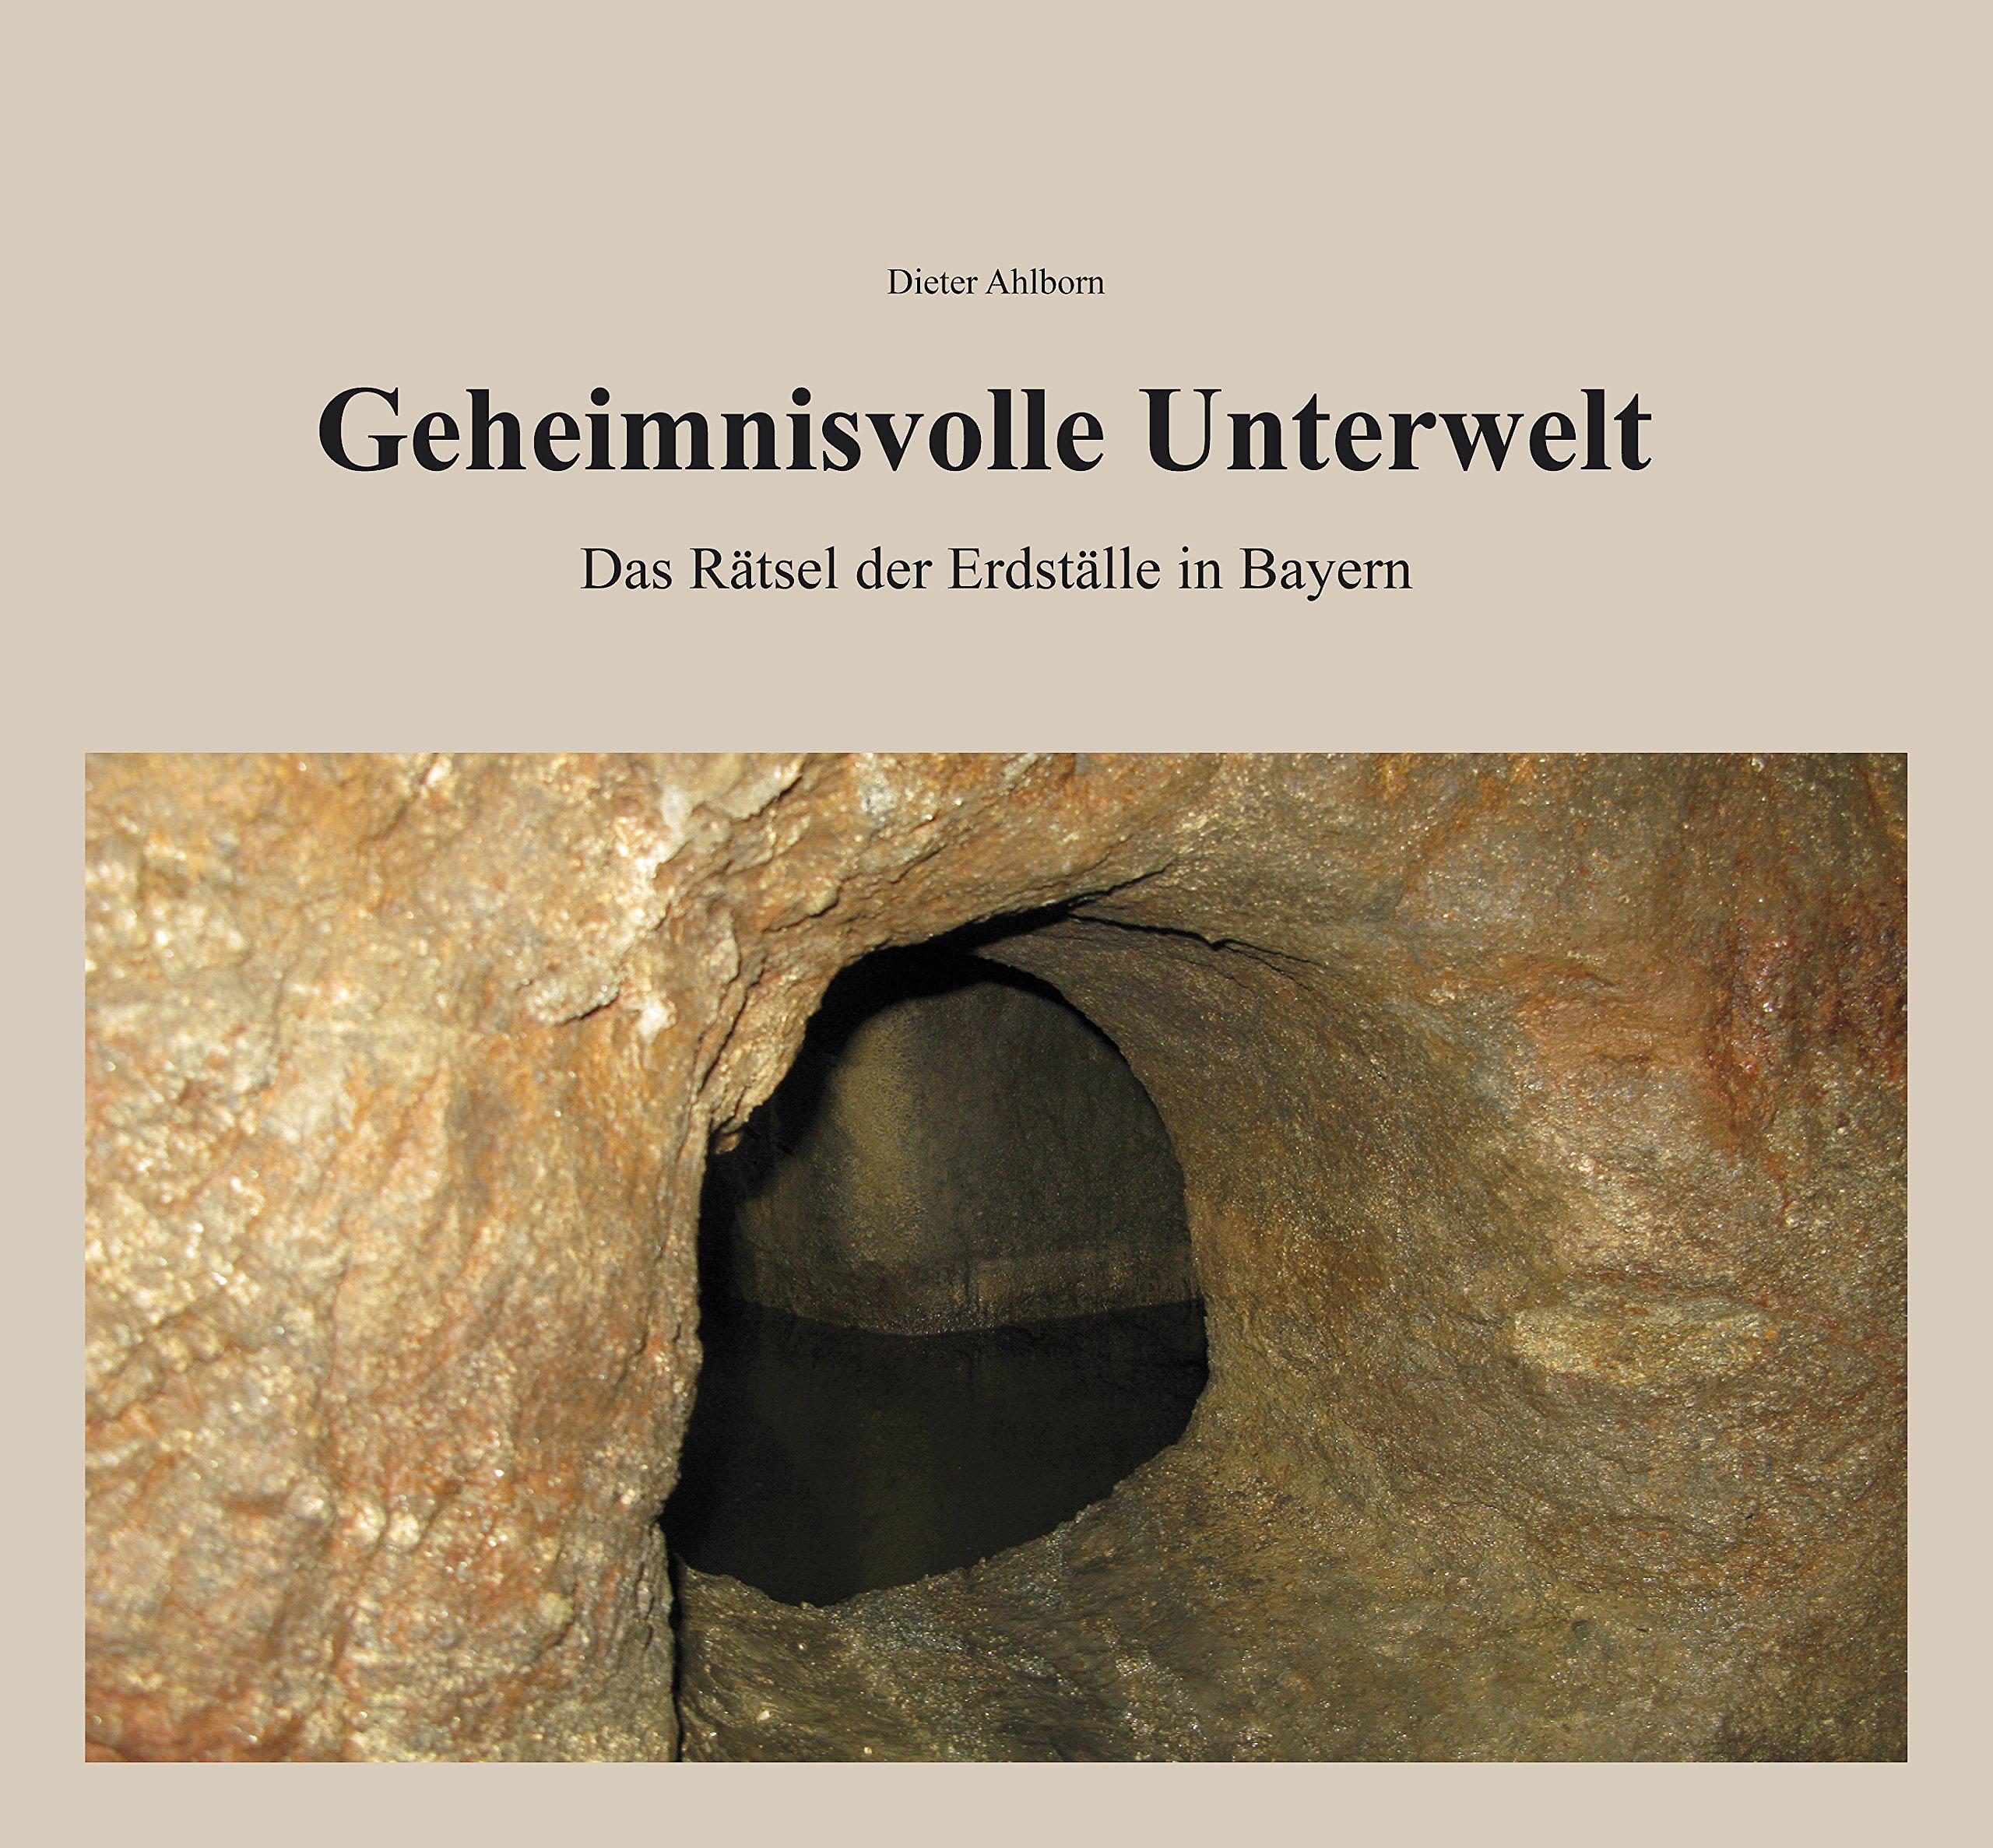 Geheimnisvolle Unterwelt: Das Rätsel der Erdställe in Bayern